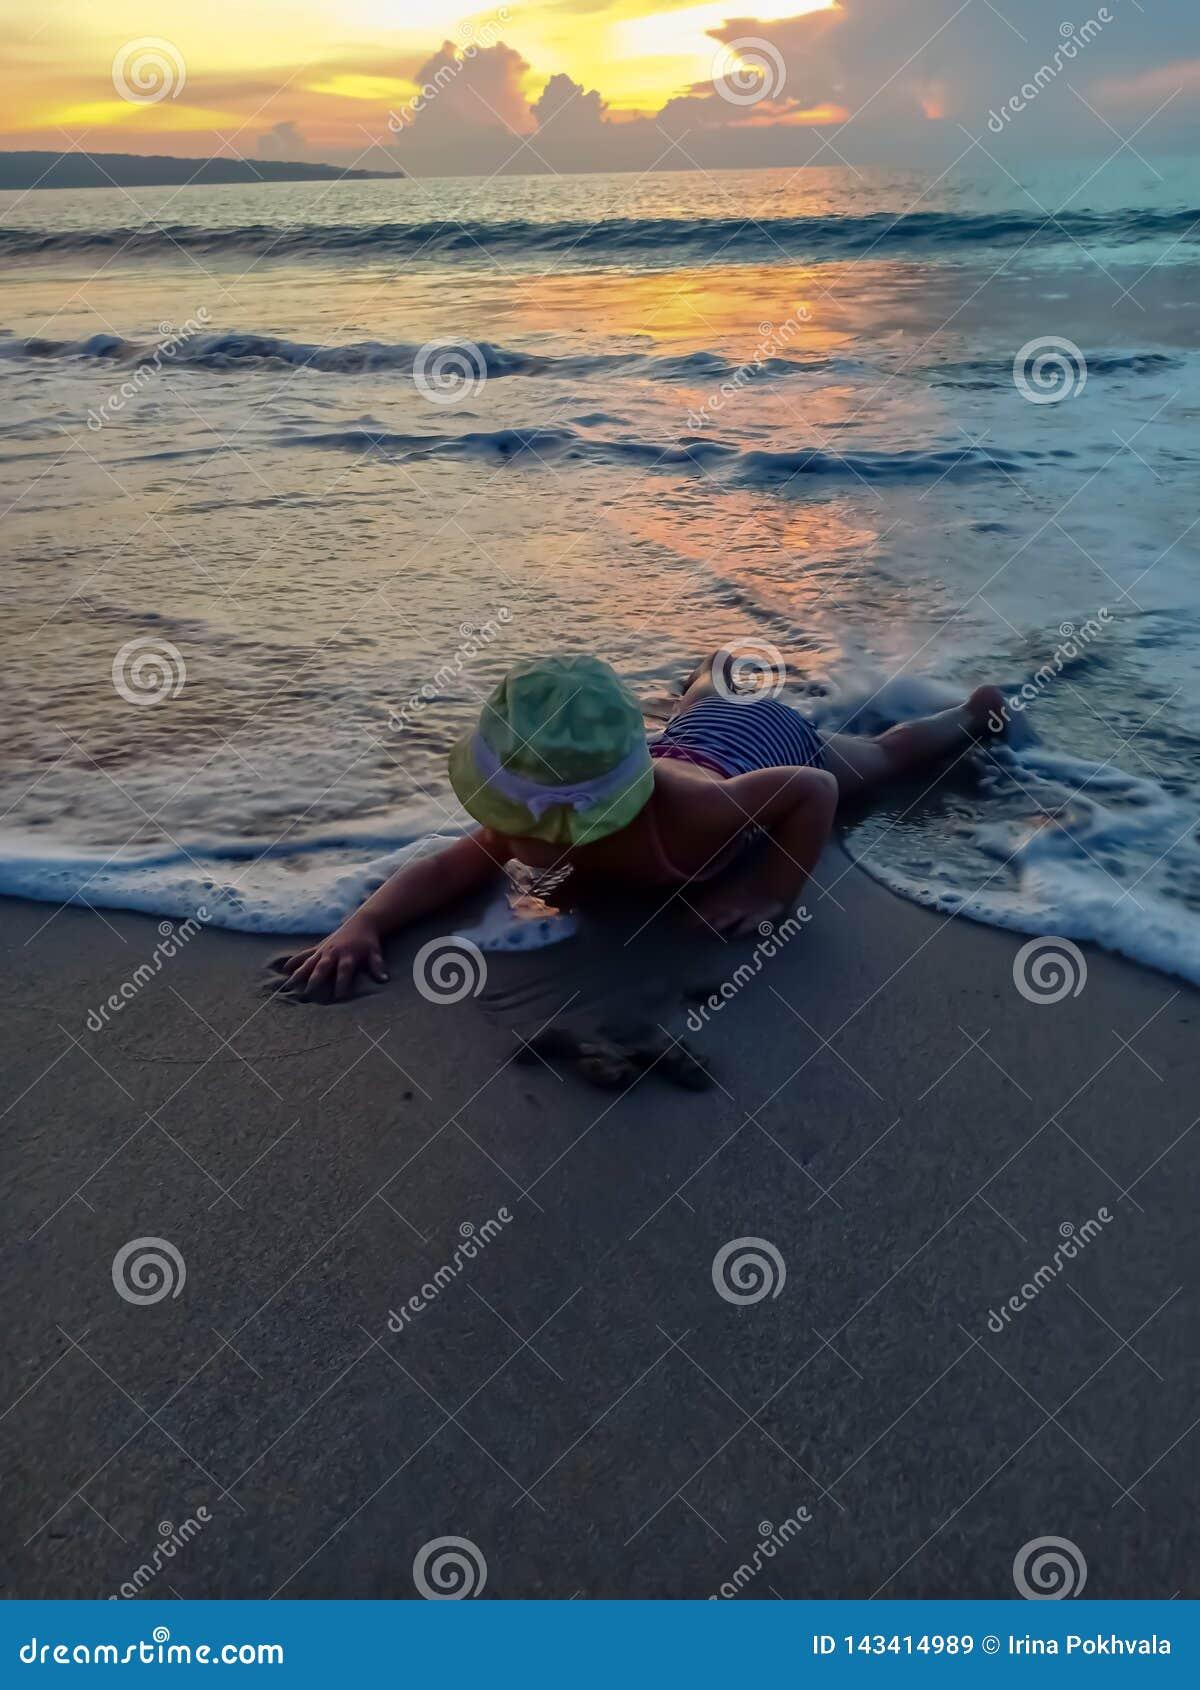 Το χαριτωμένο μικρό κορίτσι συναντά το ηλιοβασίλεμα και κατοχή της διασκέδασης στην παραλία